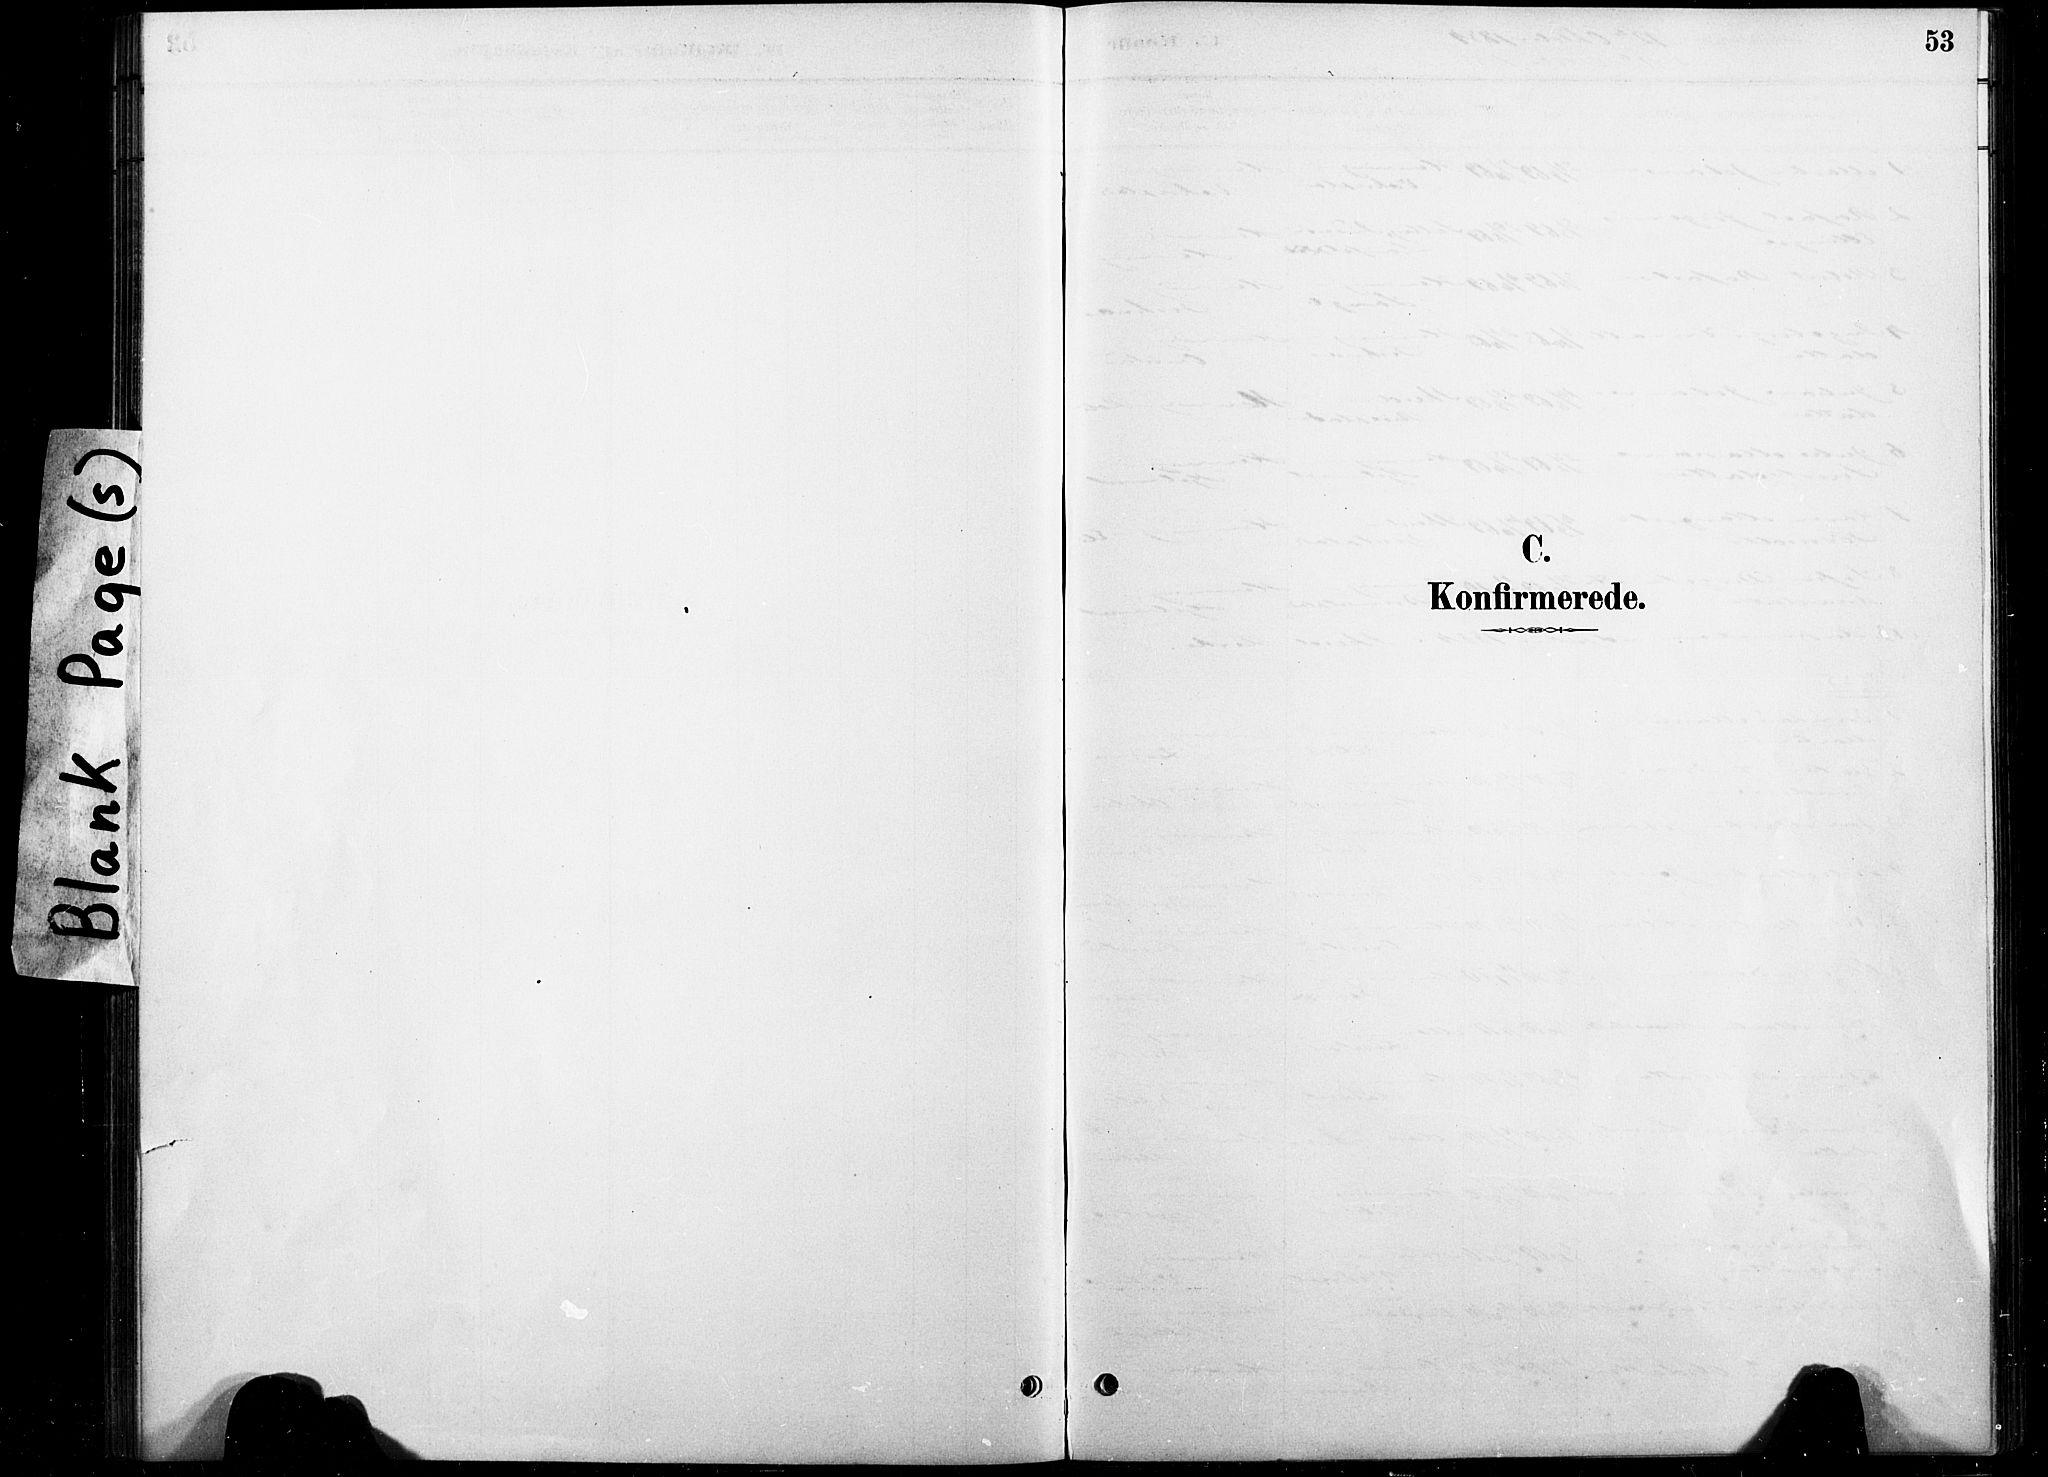 SAT, Ministerialprotokoller, klokkerbøker og fødselsregistre - Nord-Trøndelag, 738/L0364: Ministerialbok nr. 738A01, 1884-1902, s. 53